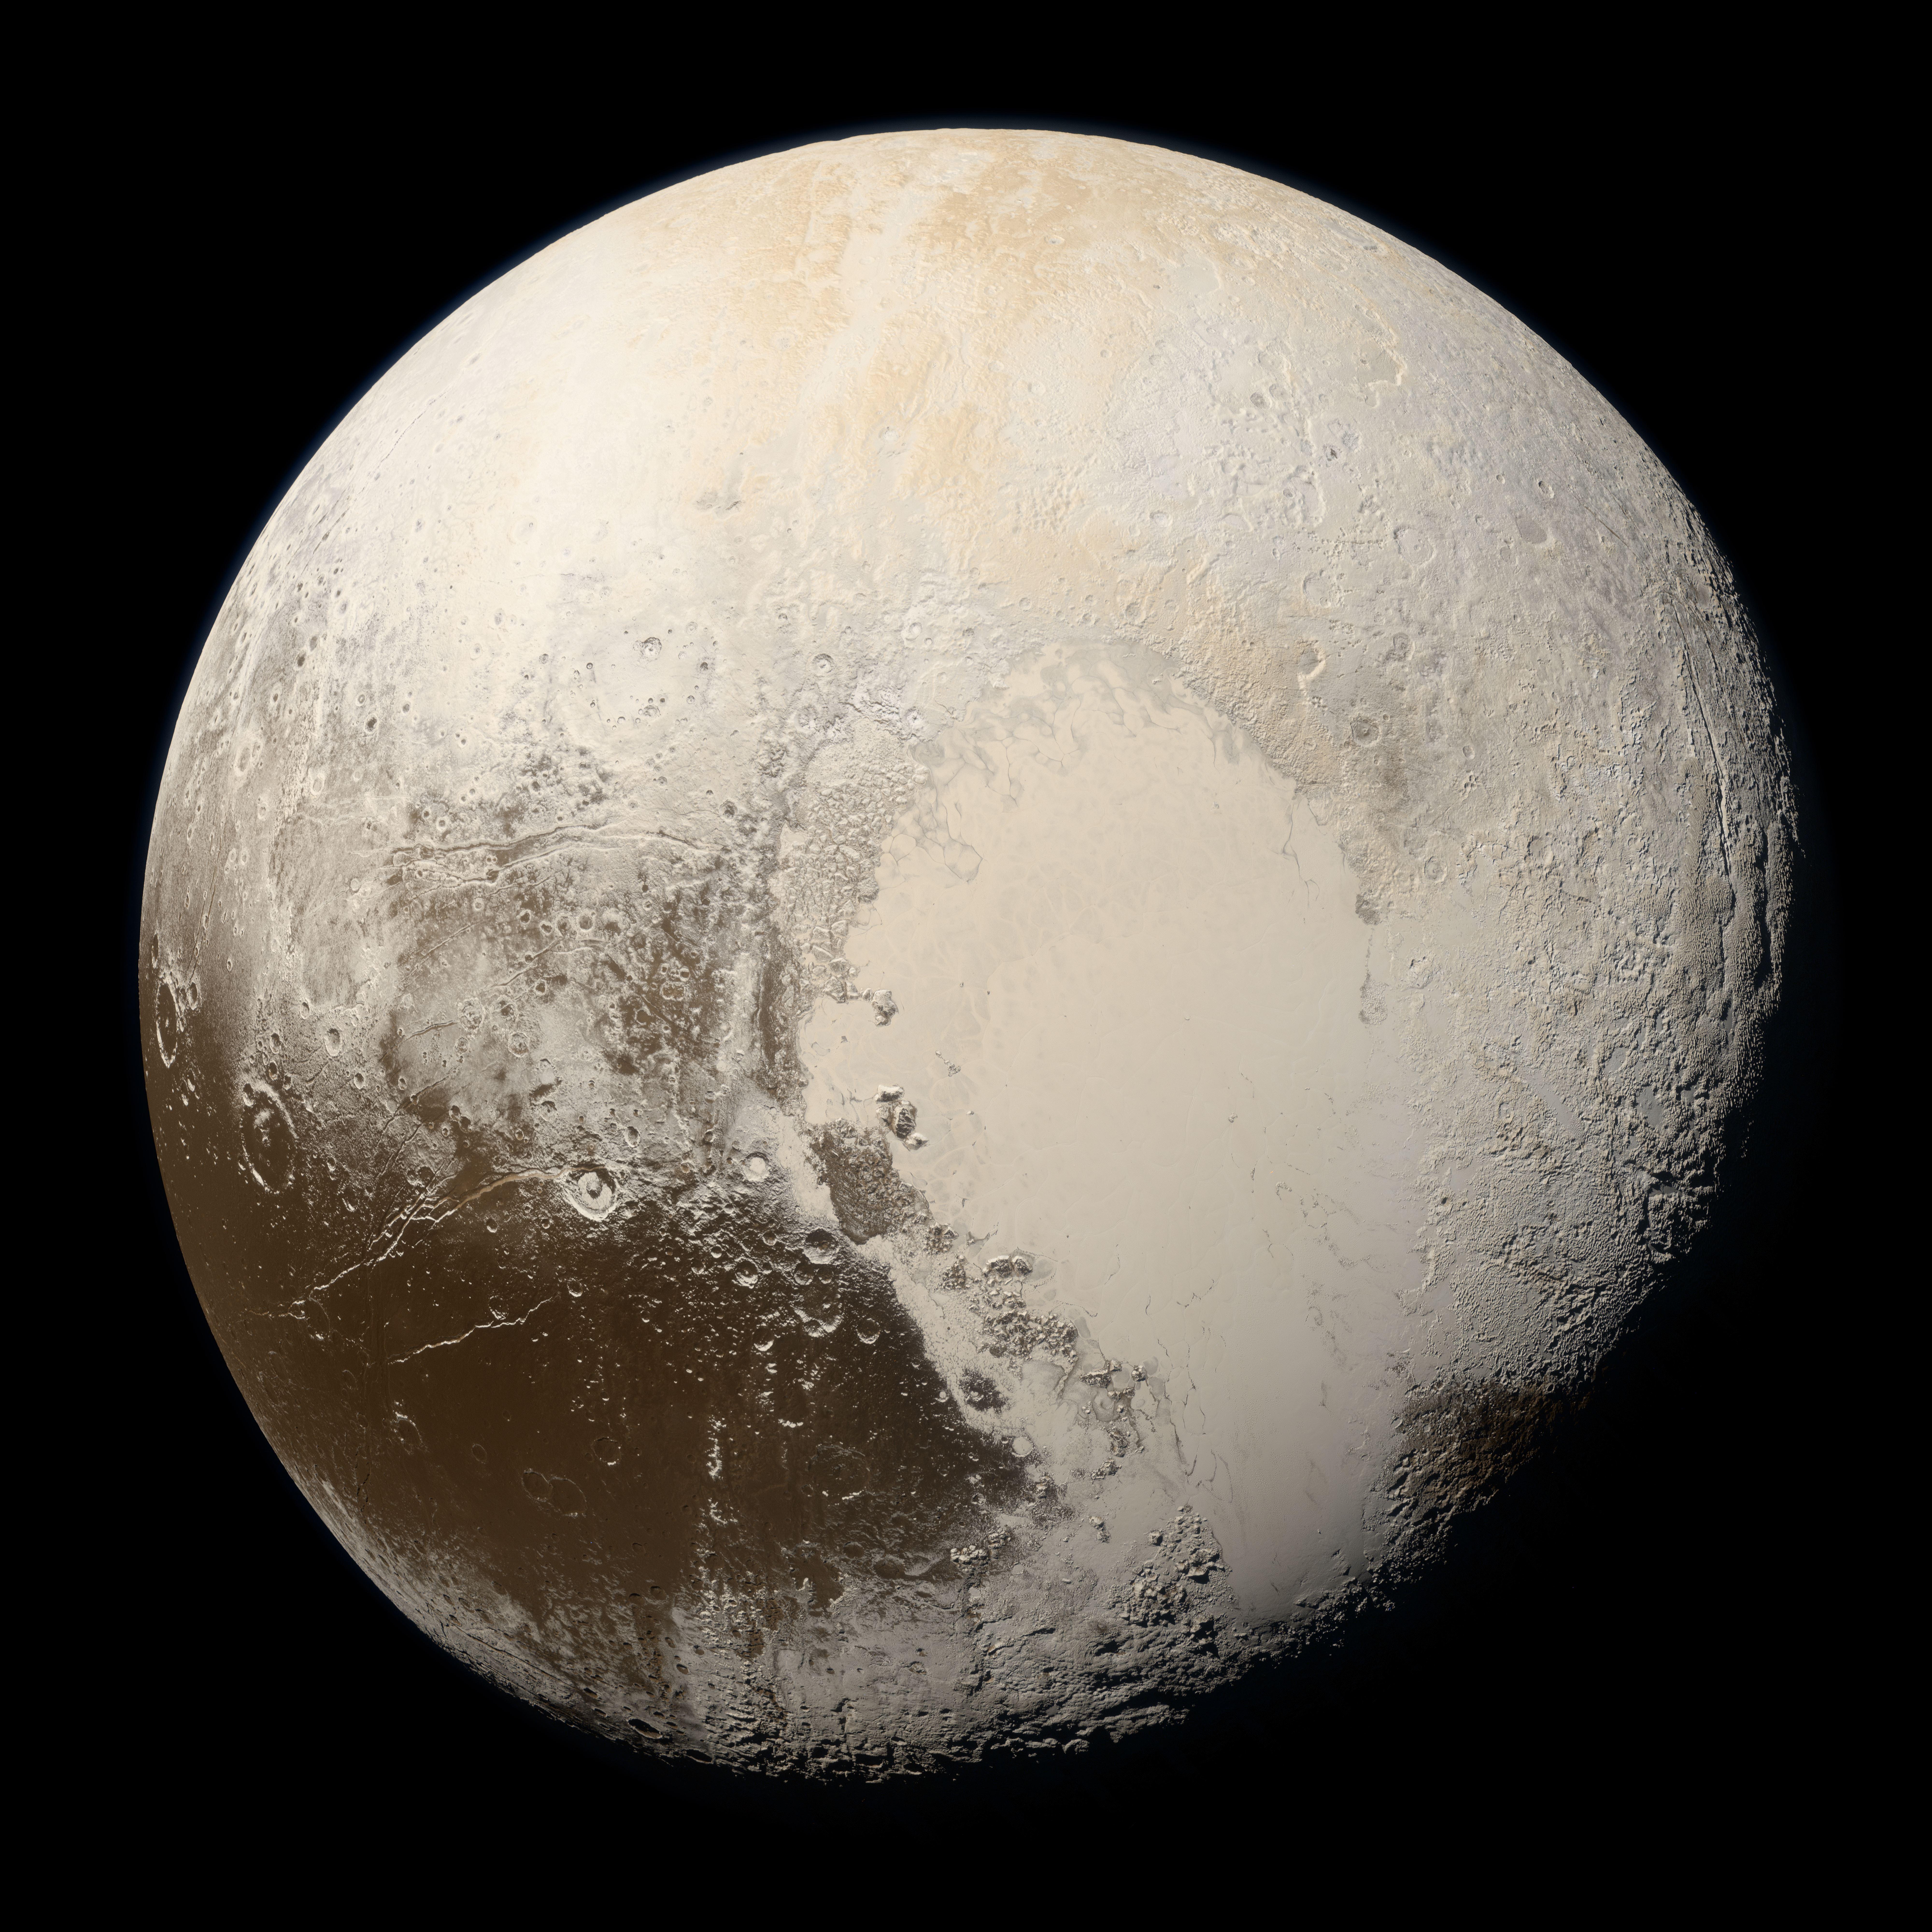 Pluto_in_True_Color_-_High-Res (1).jpg